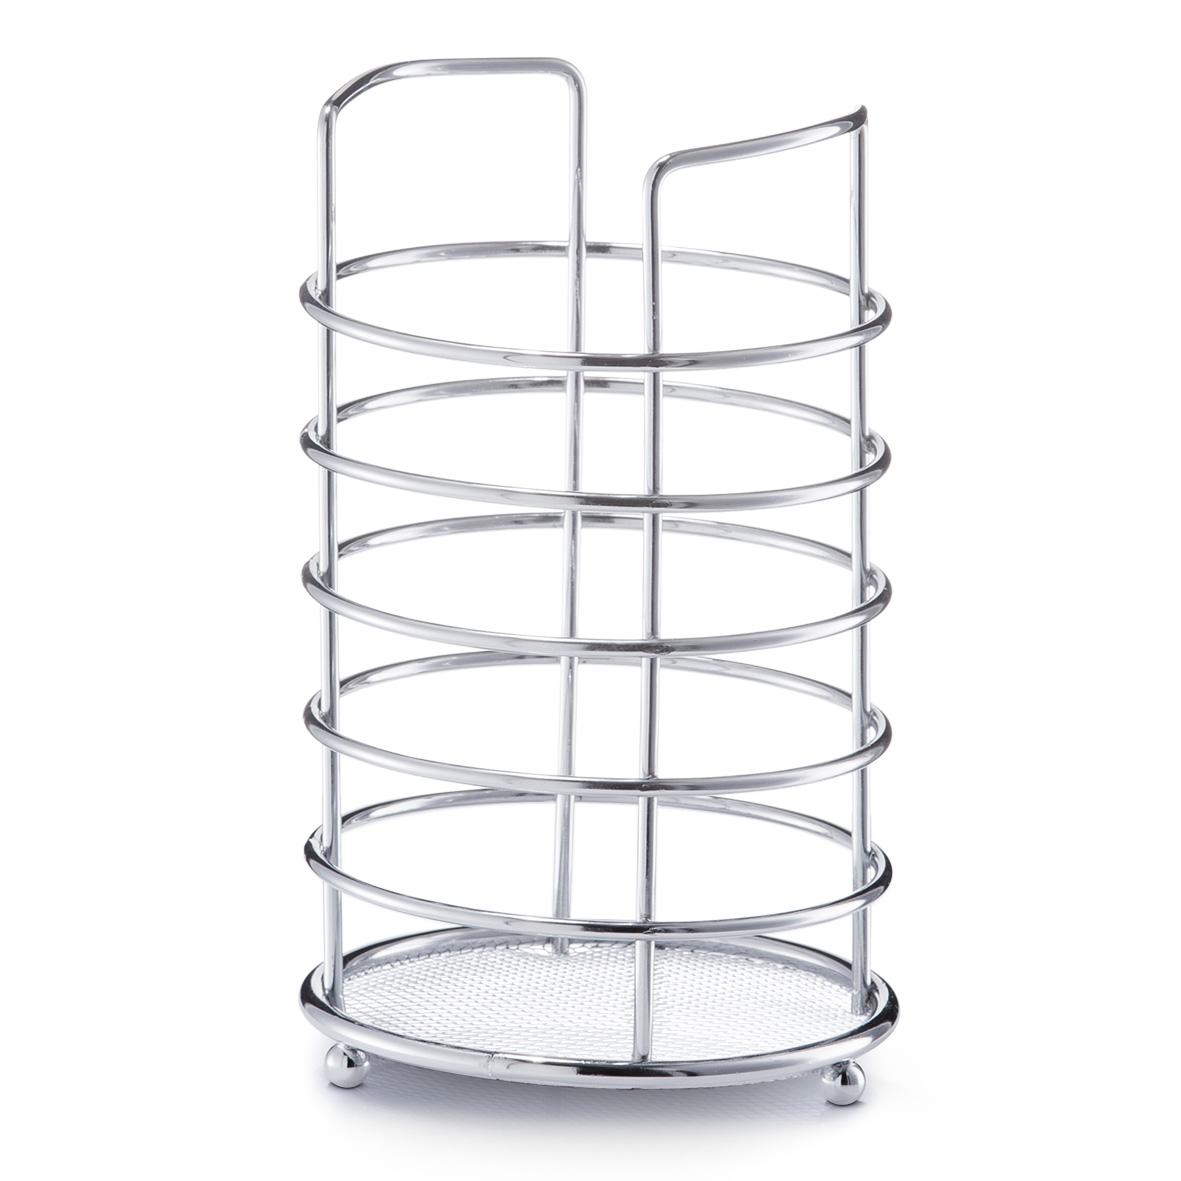 Подставка для кухонных принадлежностей Zeller, высота 17,5 см21395598Подставка Zeller предназначена для удобного хранения и перемещения кухонных принадлежностей. Подставка выполнена из высококачественного металла. Каждая хозяйка знает, что подставка для кухонных принадлежностей - это незаменимый и очень полезный аксессуар на каждой кухне.Диаметр подставки (по верхнему краю): 11 см. Высота подставки: 17,5 см.